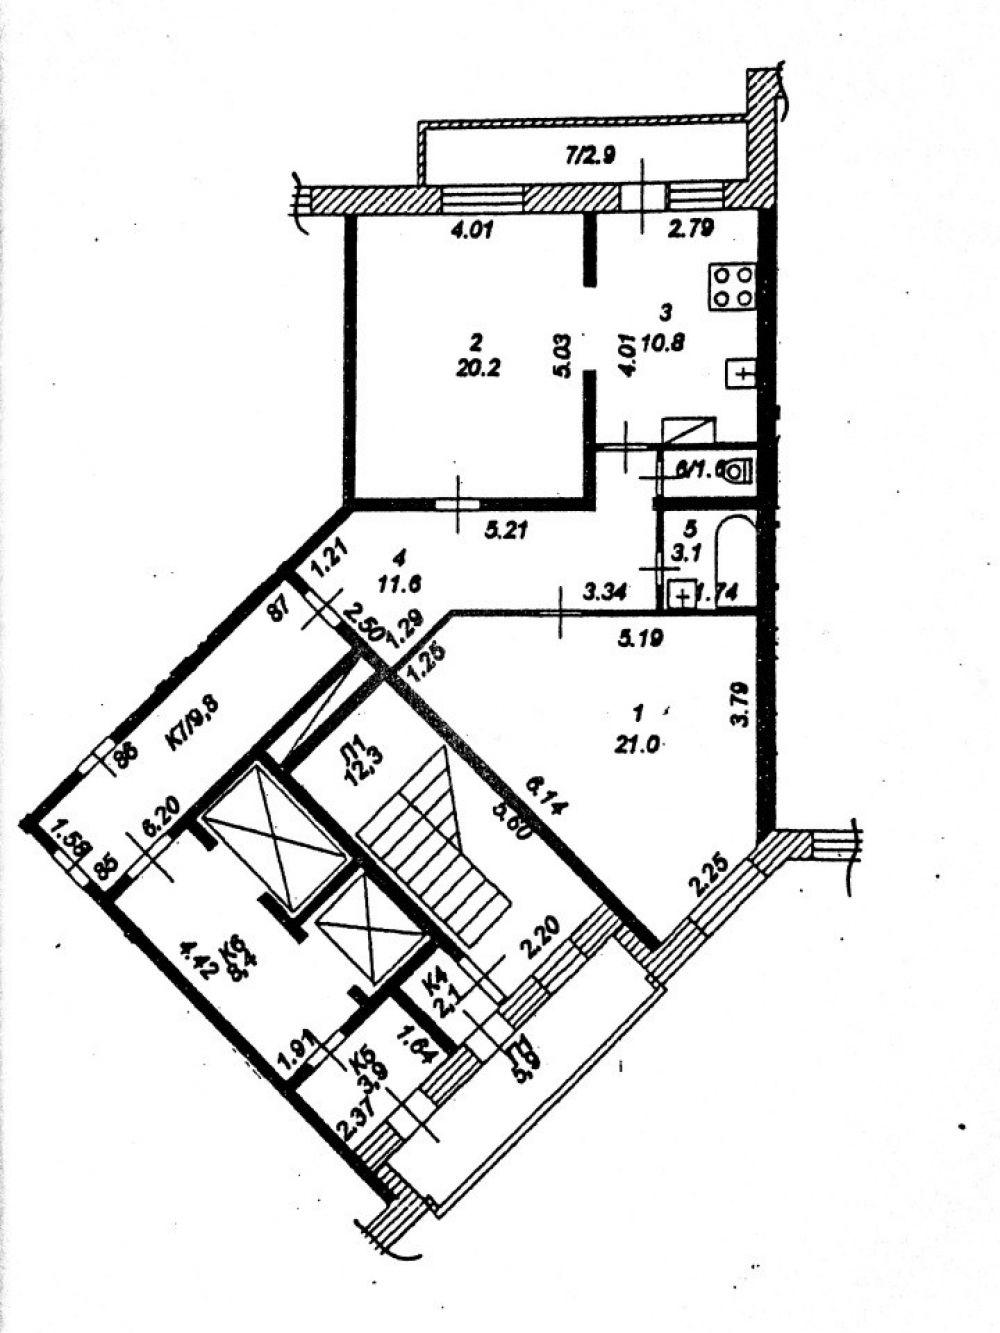 2-к квартира, Ивантеевка, ул Трудовая, 7, фото 17